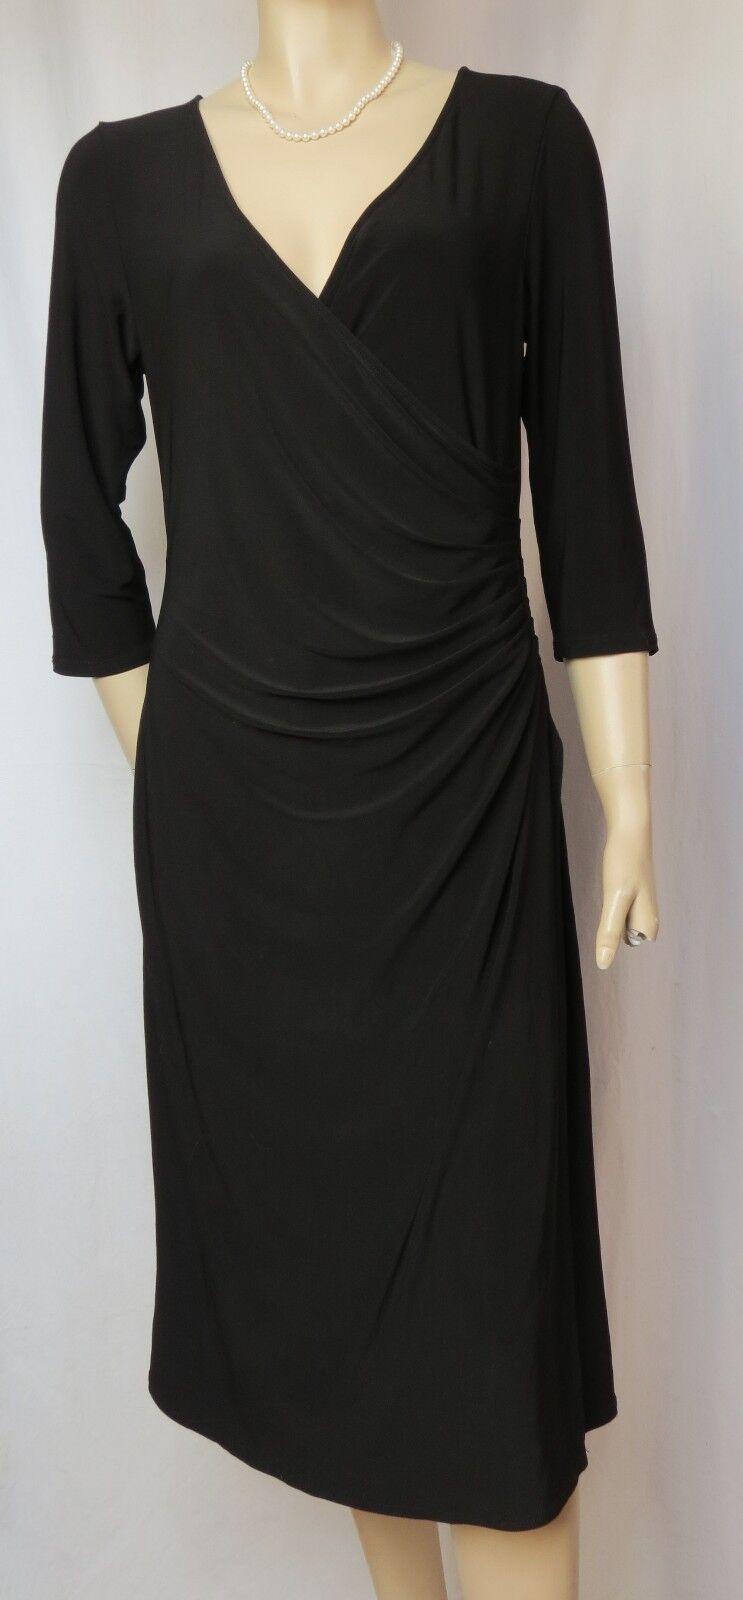 Laura Ashley Jerseykleid 40 schwarz uni Wickel-Optik Jersey Hochzeit Chor